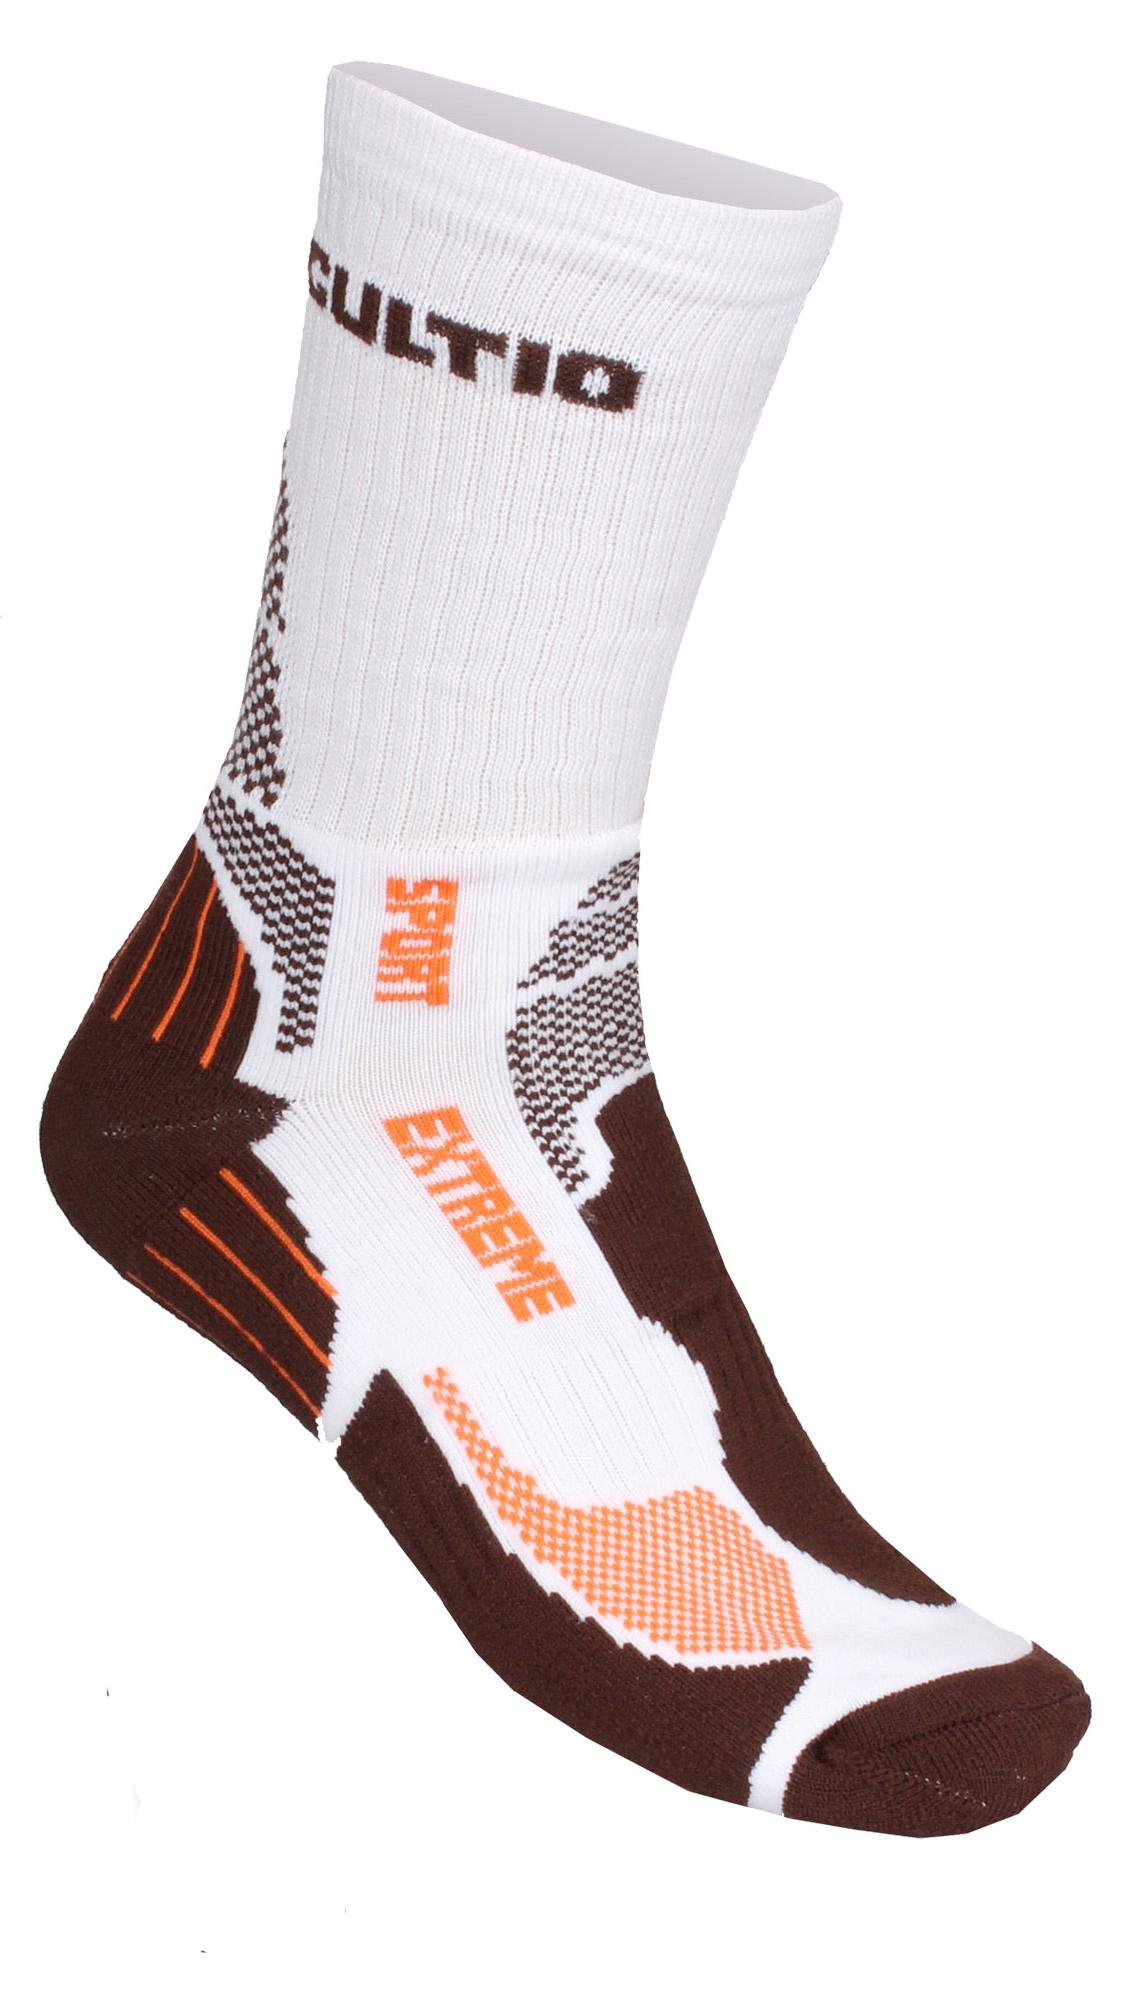 GULTIO 10 ponožky extreme sport, hnědá46-47